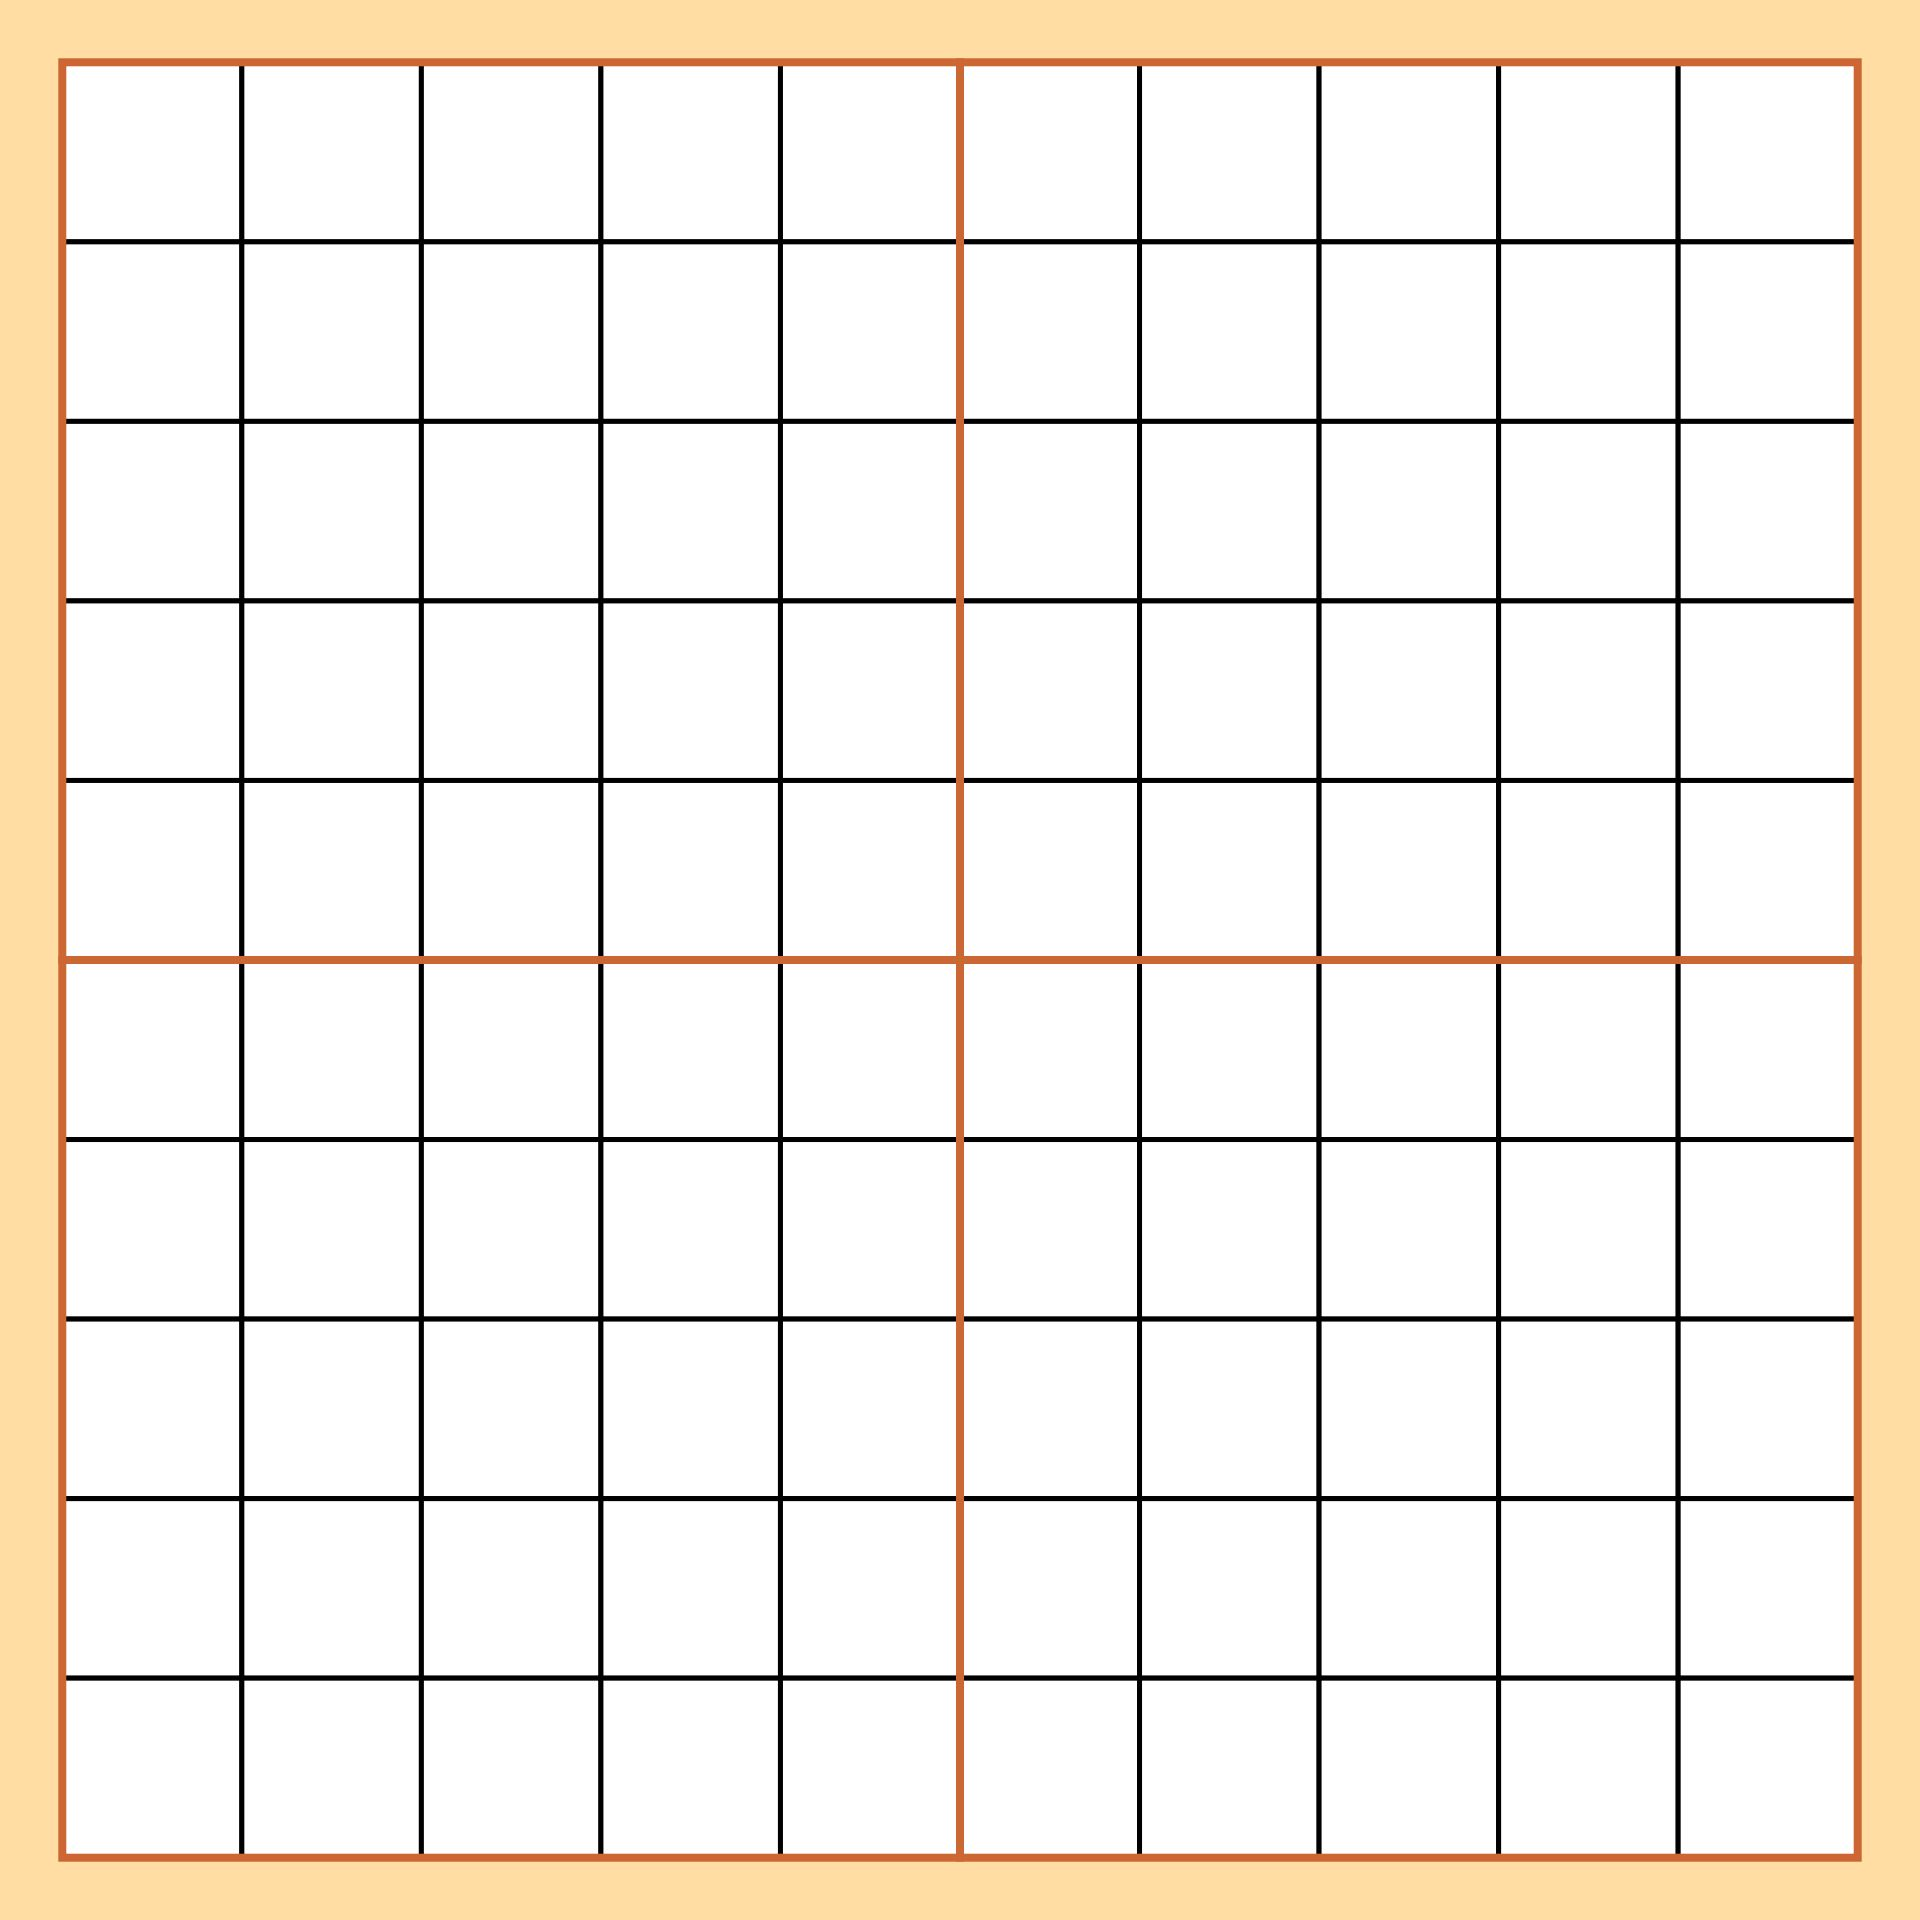 Free 10x10 Grid Printable